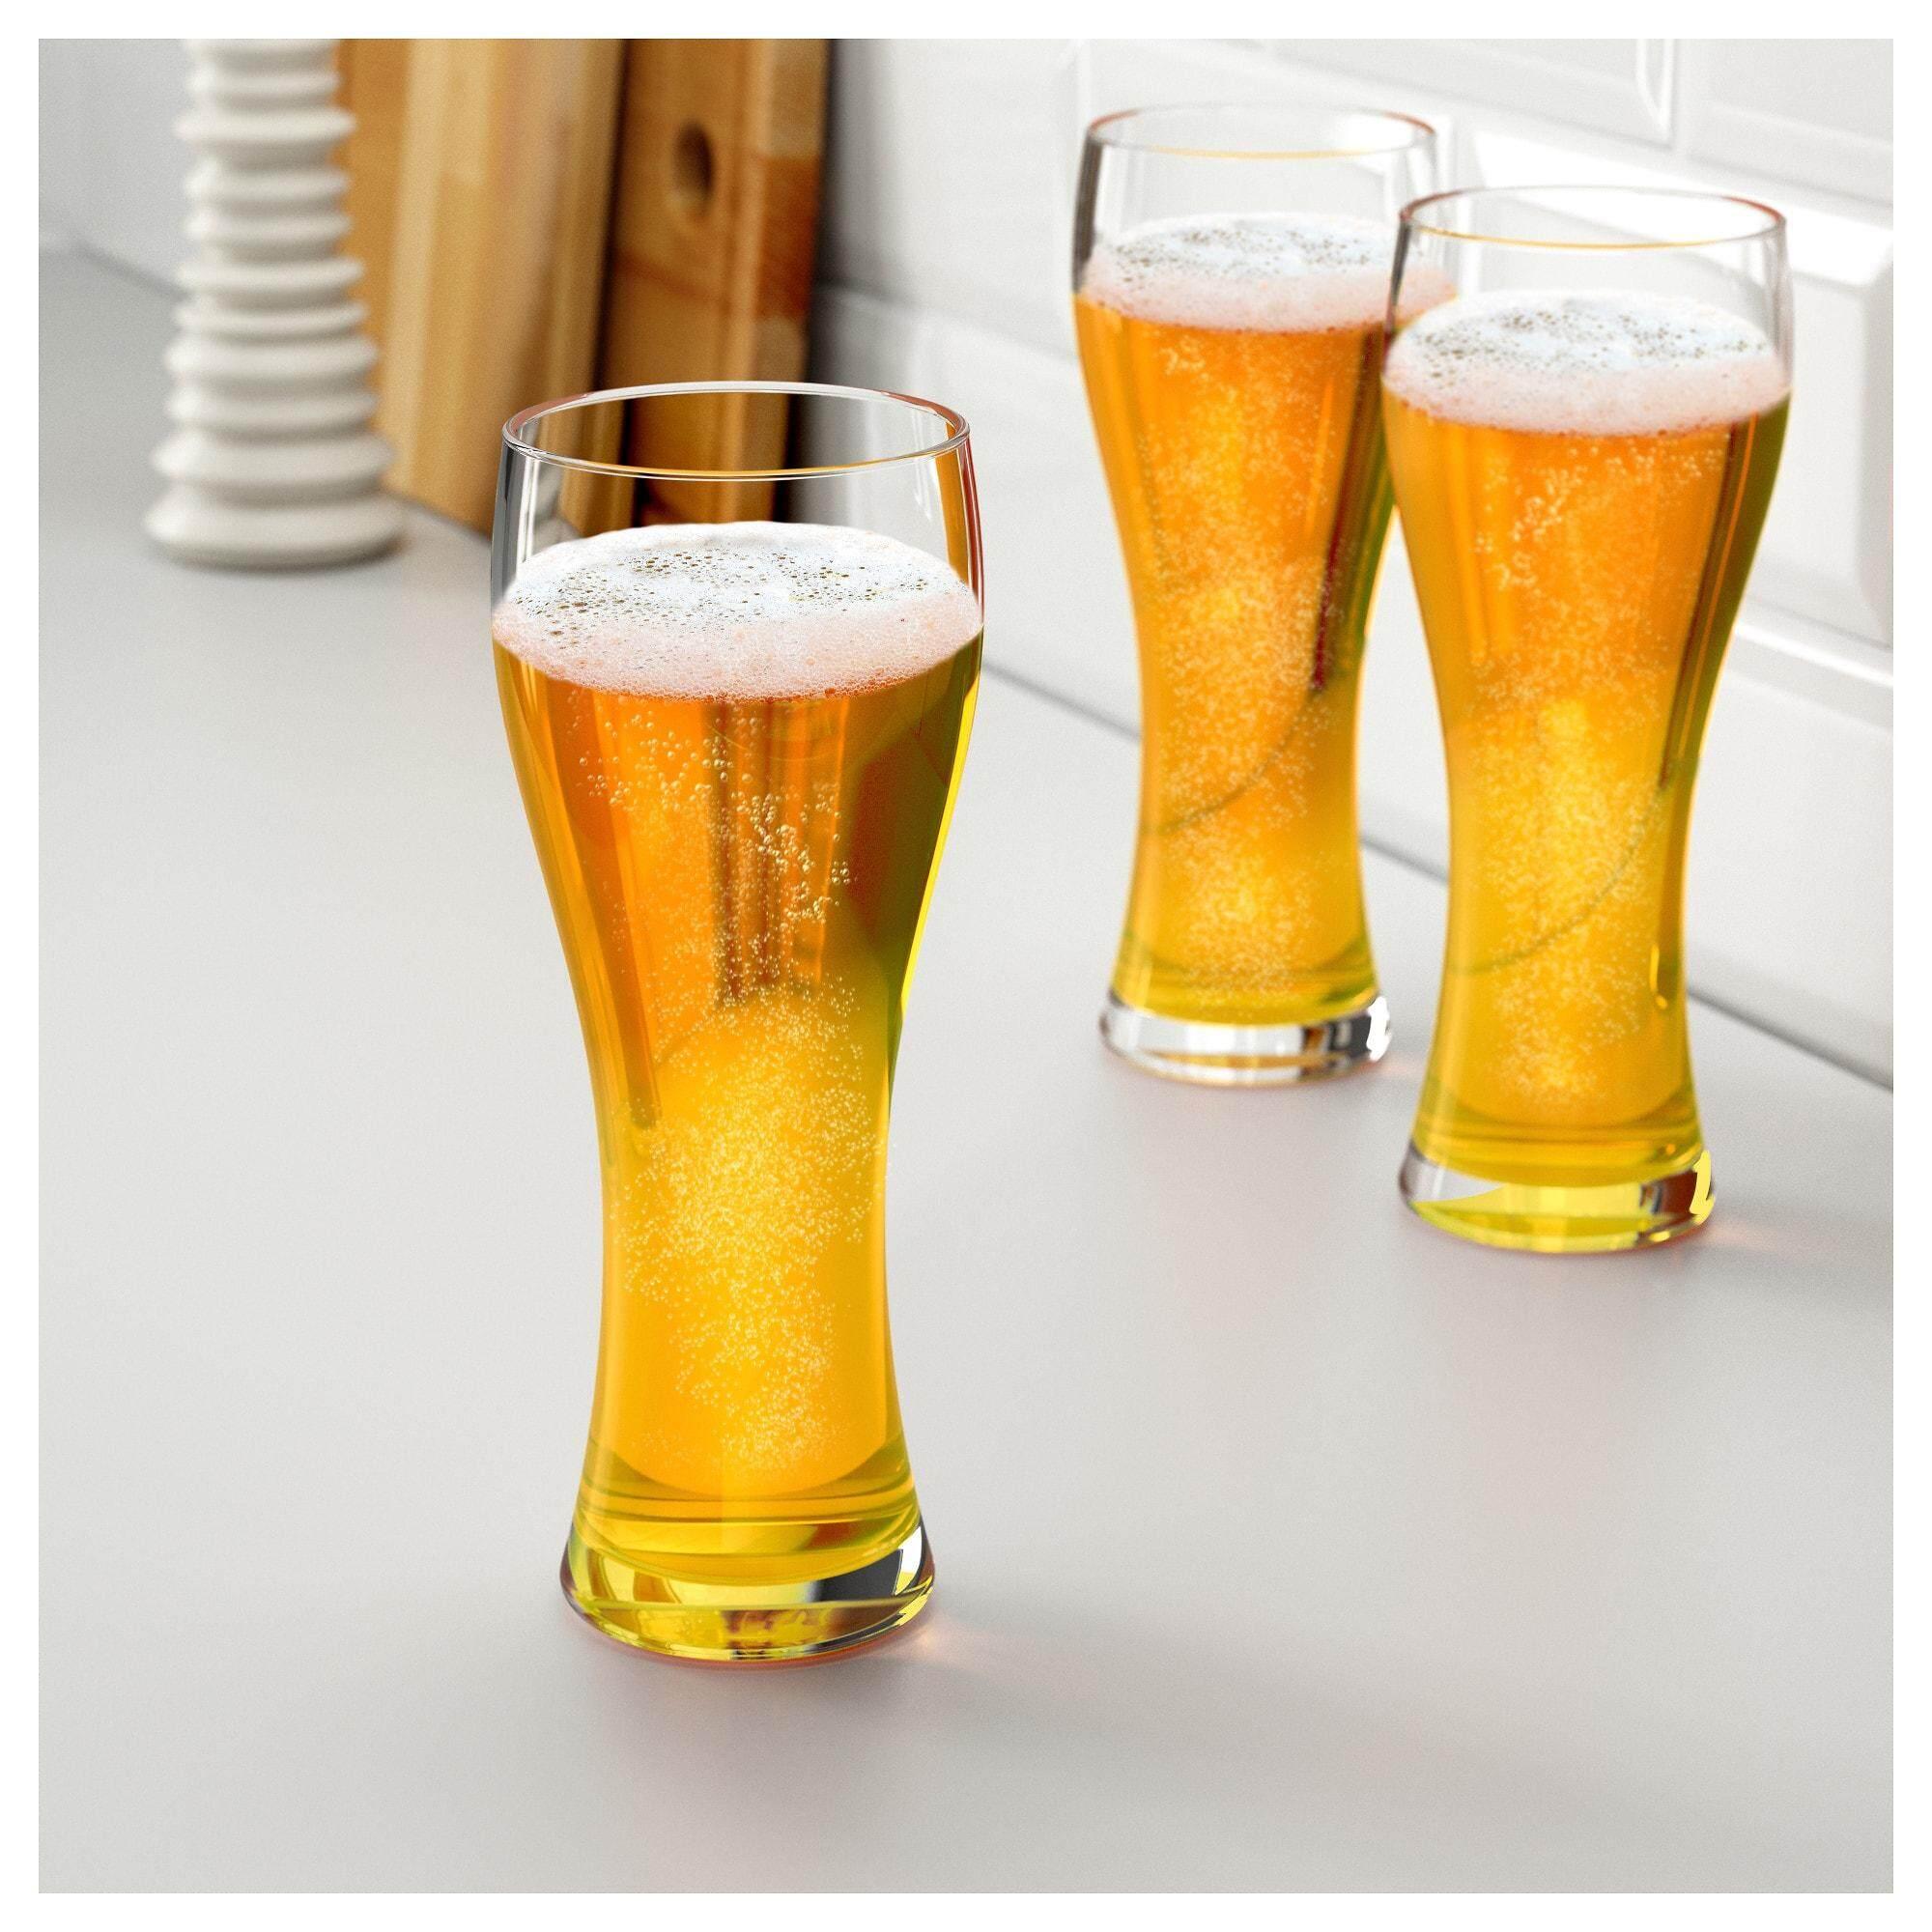 ลดราคา OanvÄnd อูอันแวนด์ แก้วเบียร์ แก้วใส แก้วทรงสูงเหมาะที่สุดสำหรับวีทเบียร์ขอบแก้วโค้งเข้า ช่วยให้เบียร์มีฟองเพิ่มขึ้น ส่วนขนาดของแก้วที่ใหญ่เป็นพิเศษ ช่วยให้เบียร์มีกลิ่นและรสชาติดีขึ้น By Tookstuta.